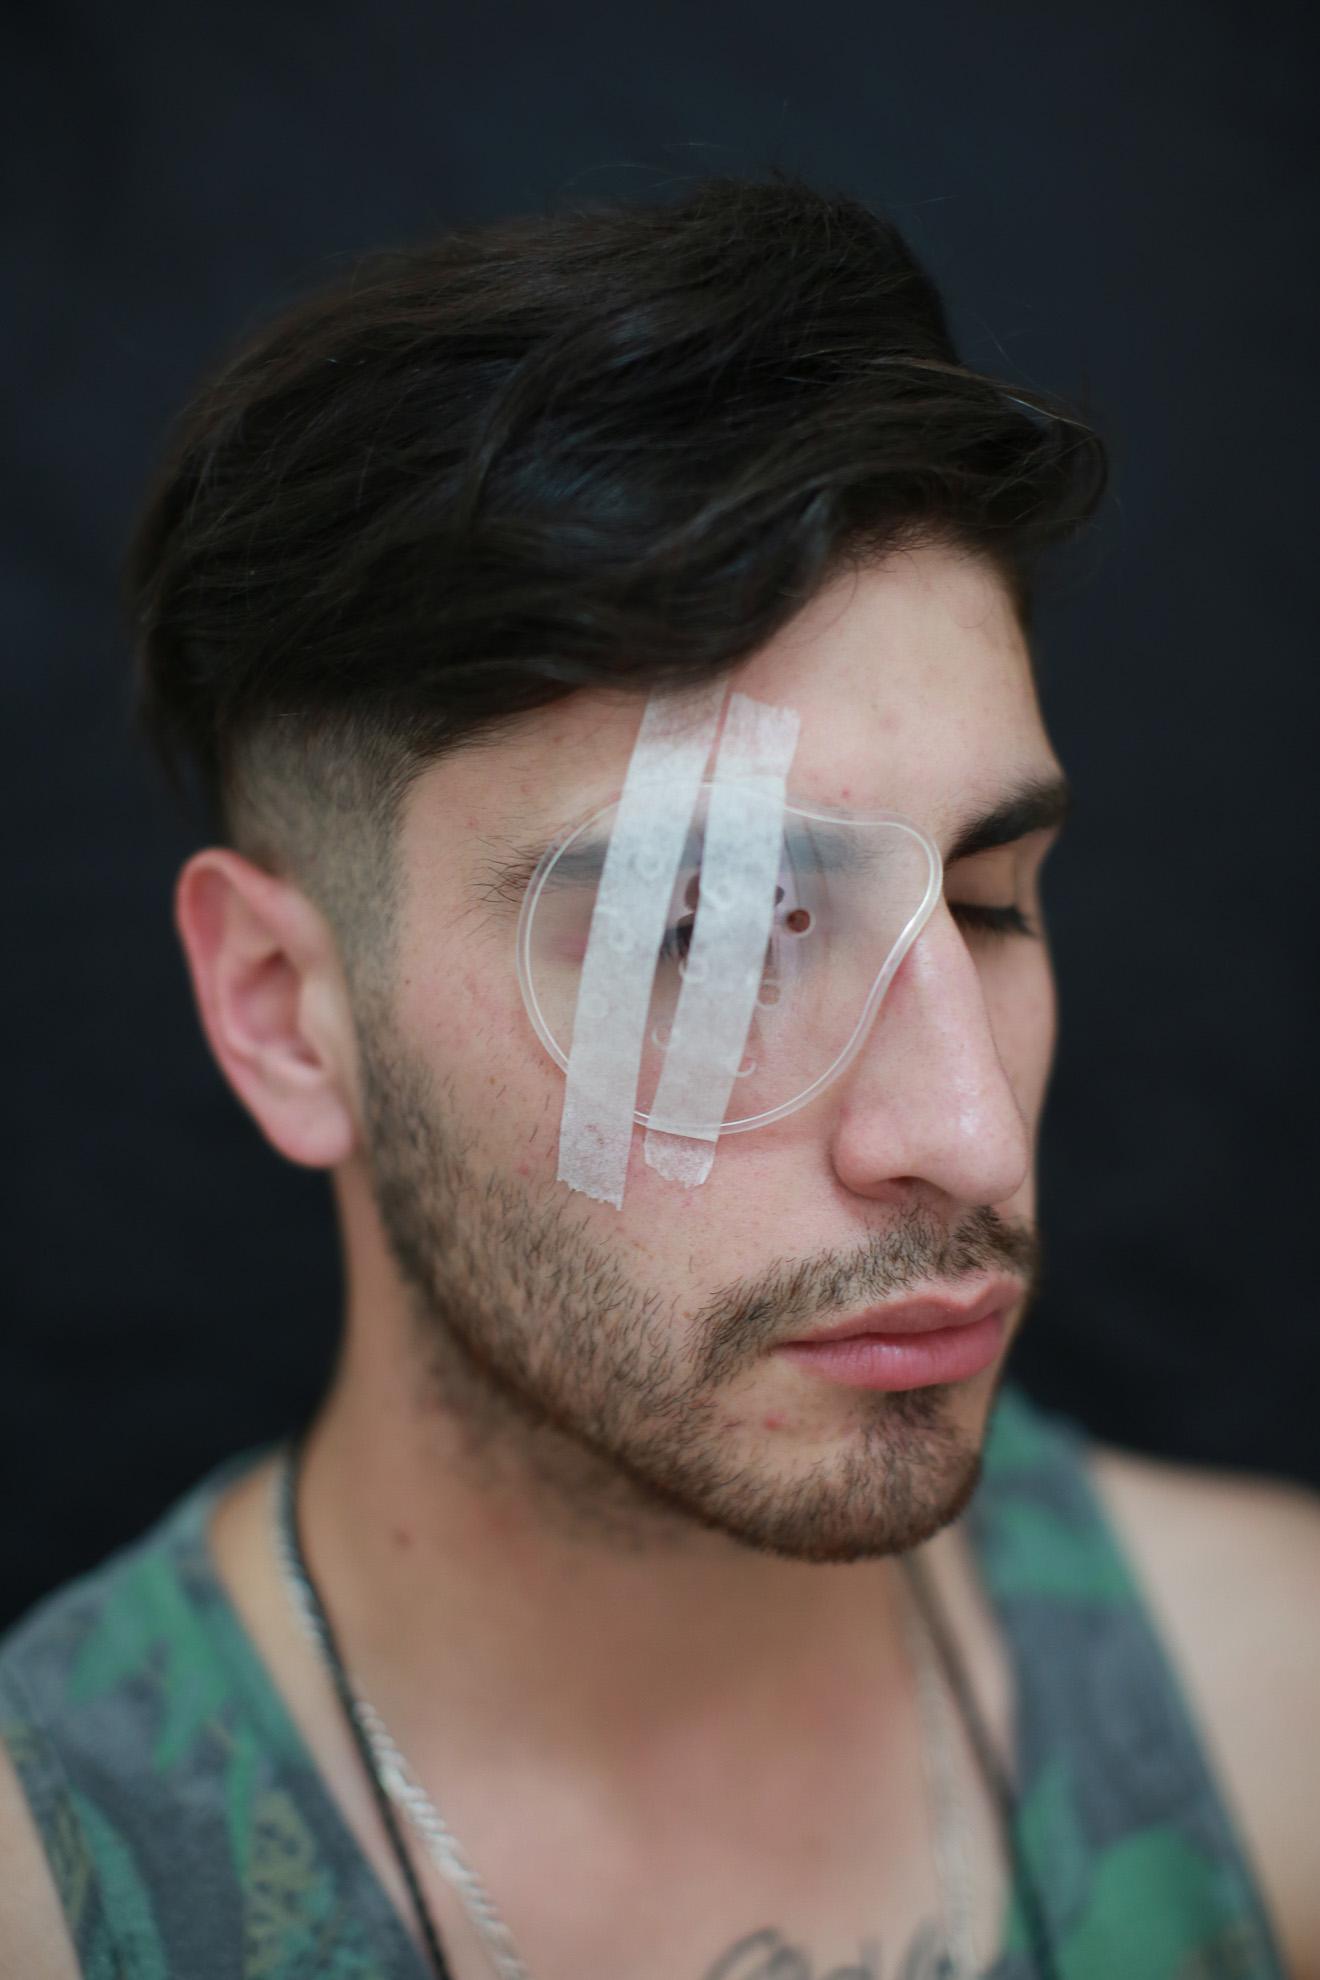 Jorge Barros (23), trabaja en mensajería. Asistió el martes 5 de noviembre de 2019 a la marcha. Su interés de participar en la protesta fue por un mejor trato que sea para todos. Ha perdido por completo la visión del ojo derecho.